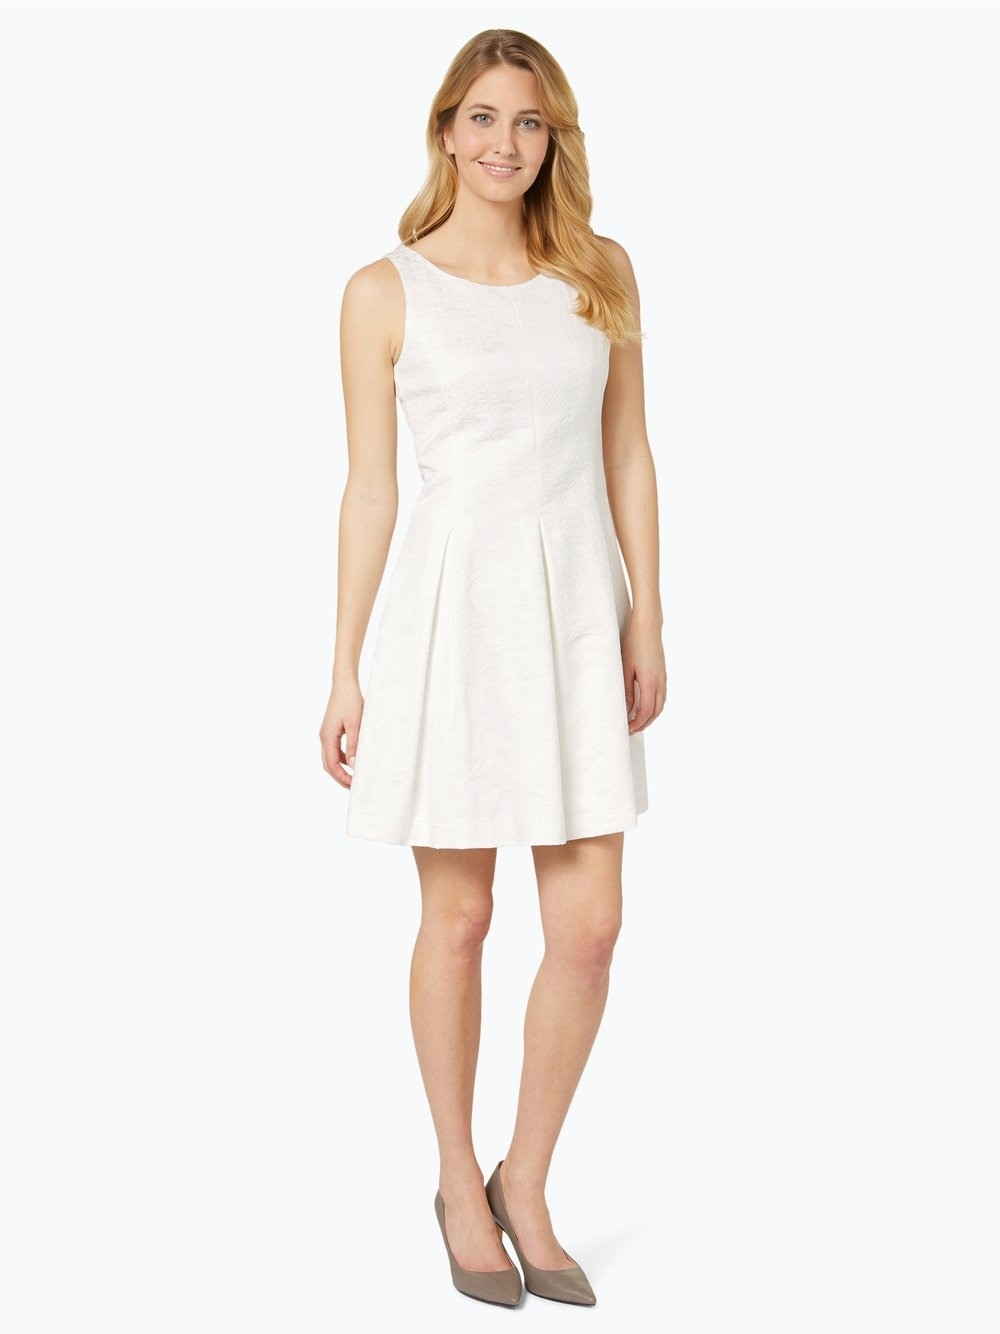 15 Genial Kleid Kaufen Bester Preis10 Luxus Kleid Kaufen Bester Preis